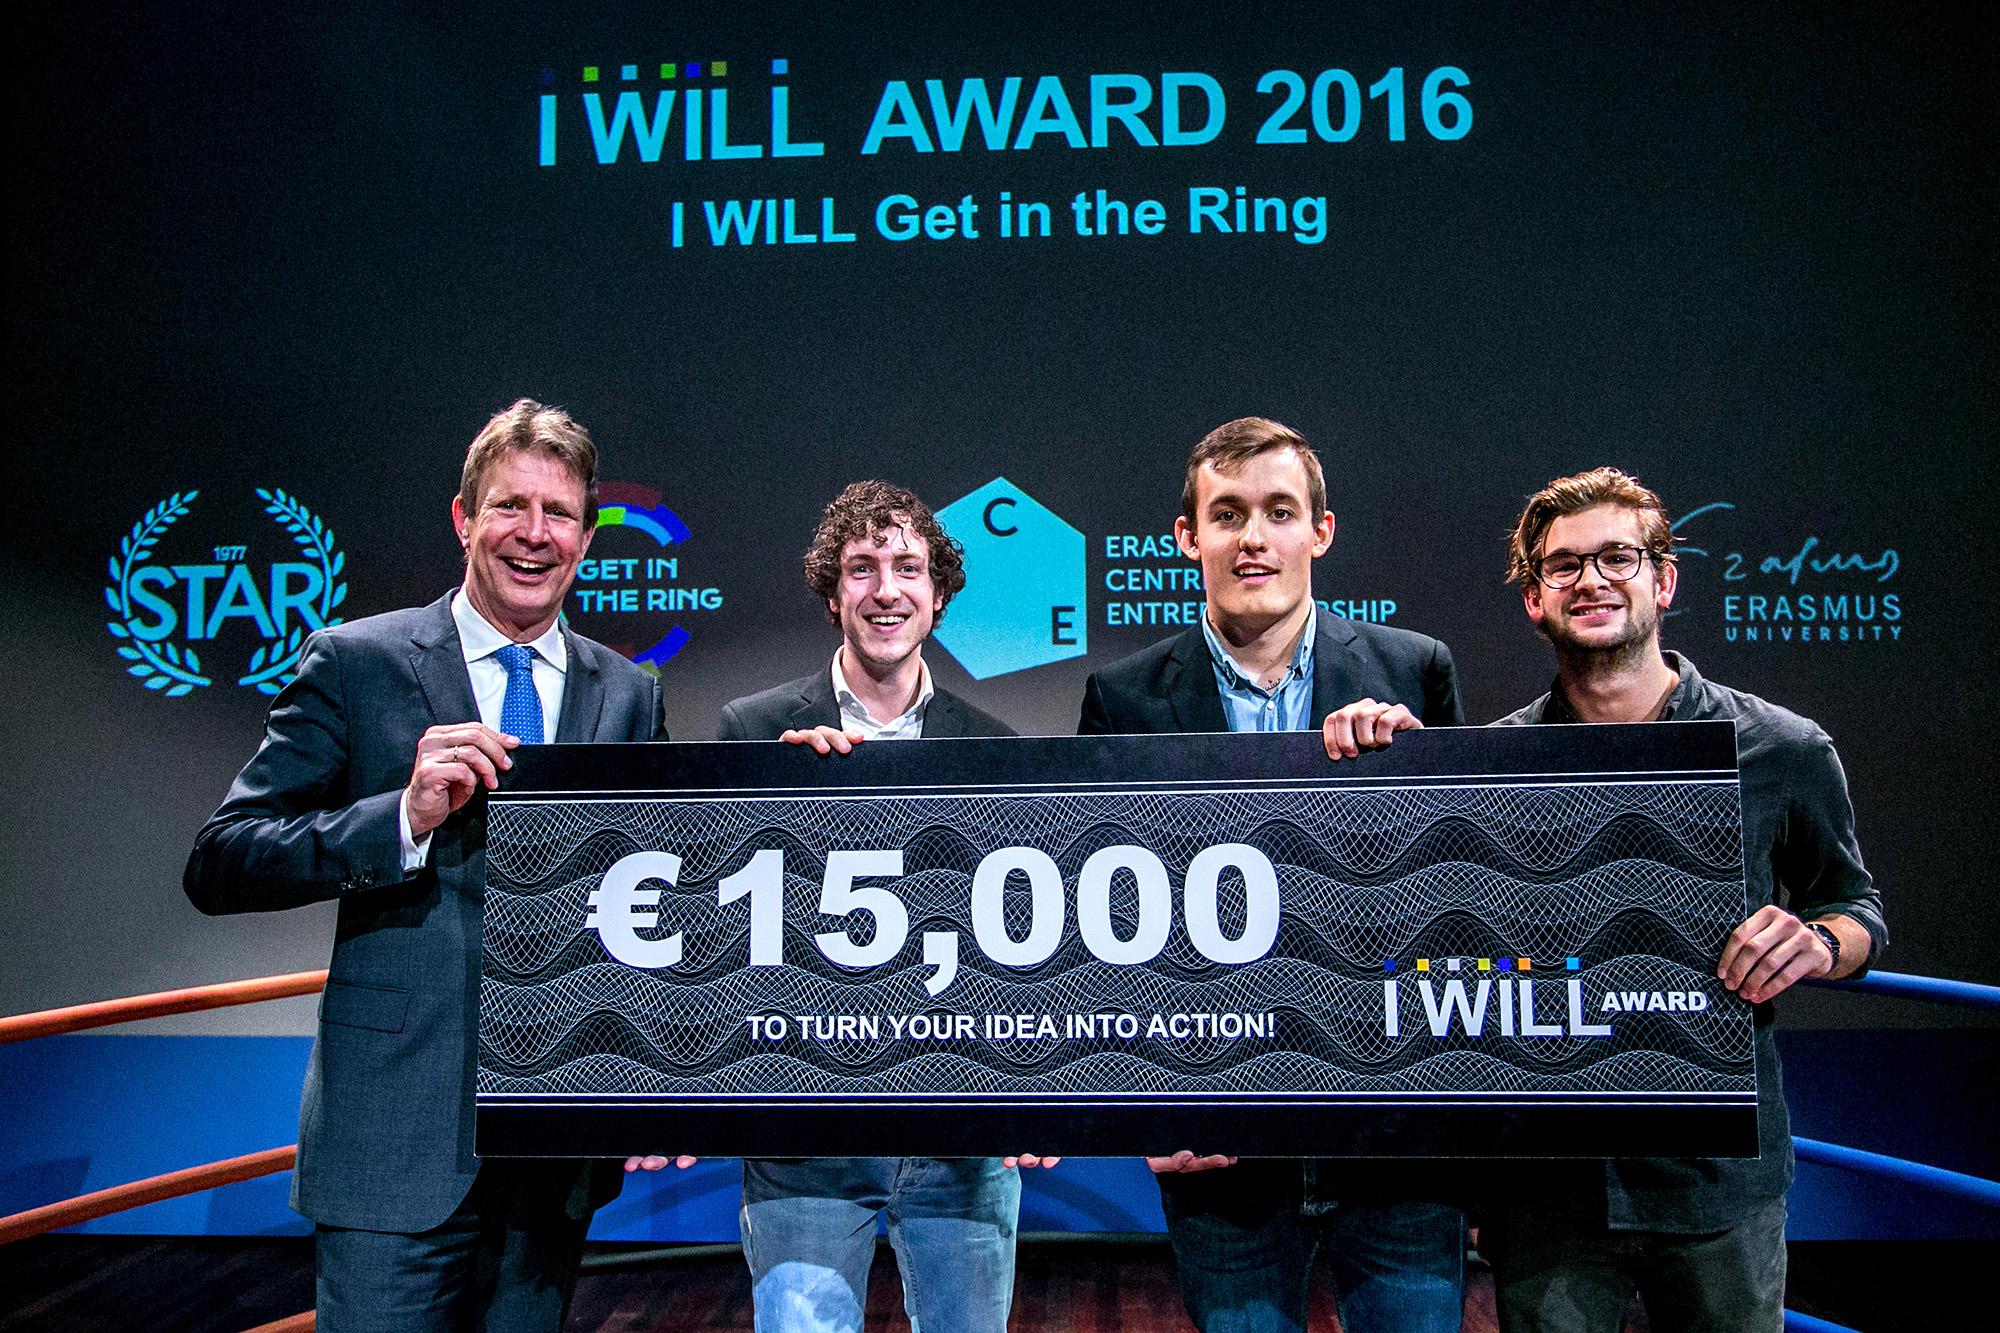 I Will Award 2016